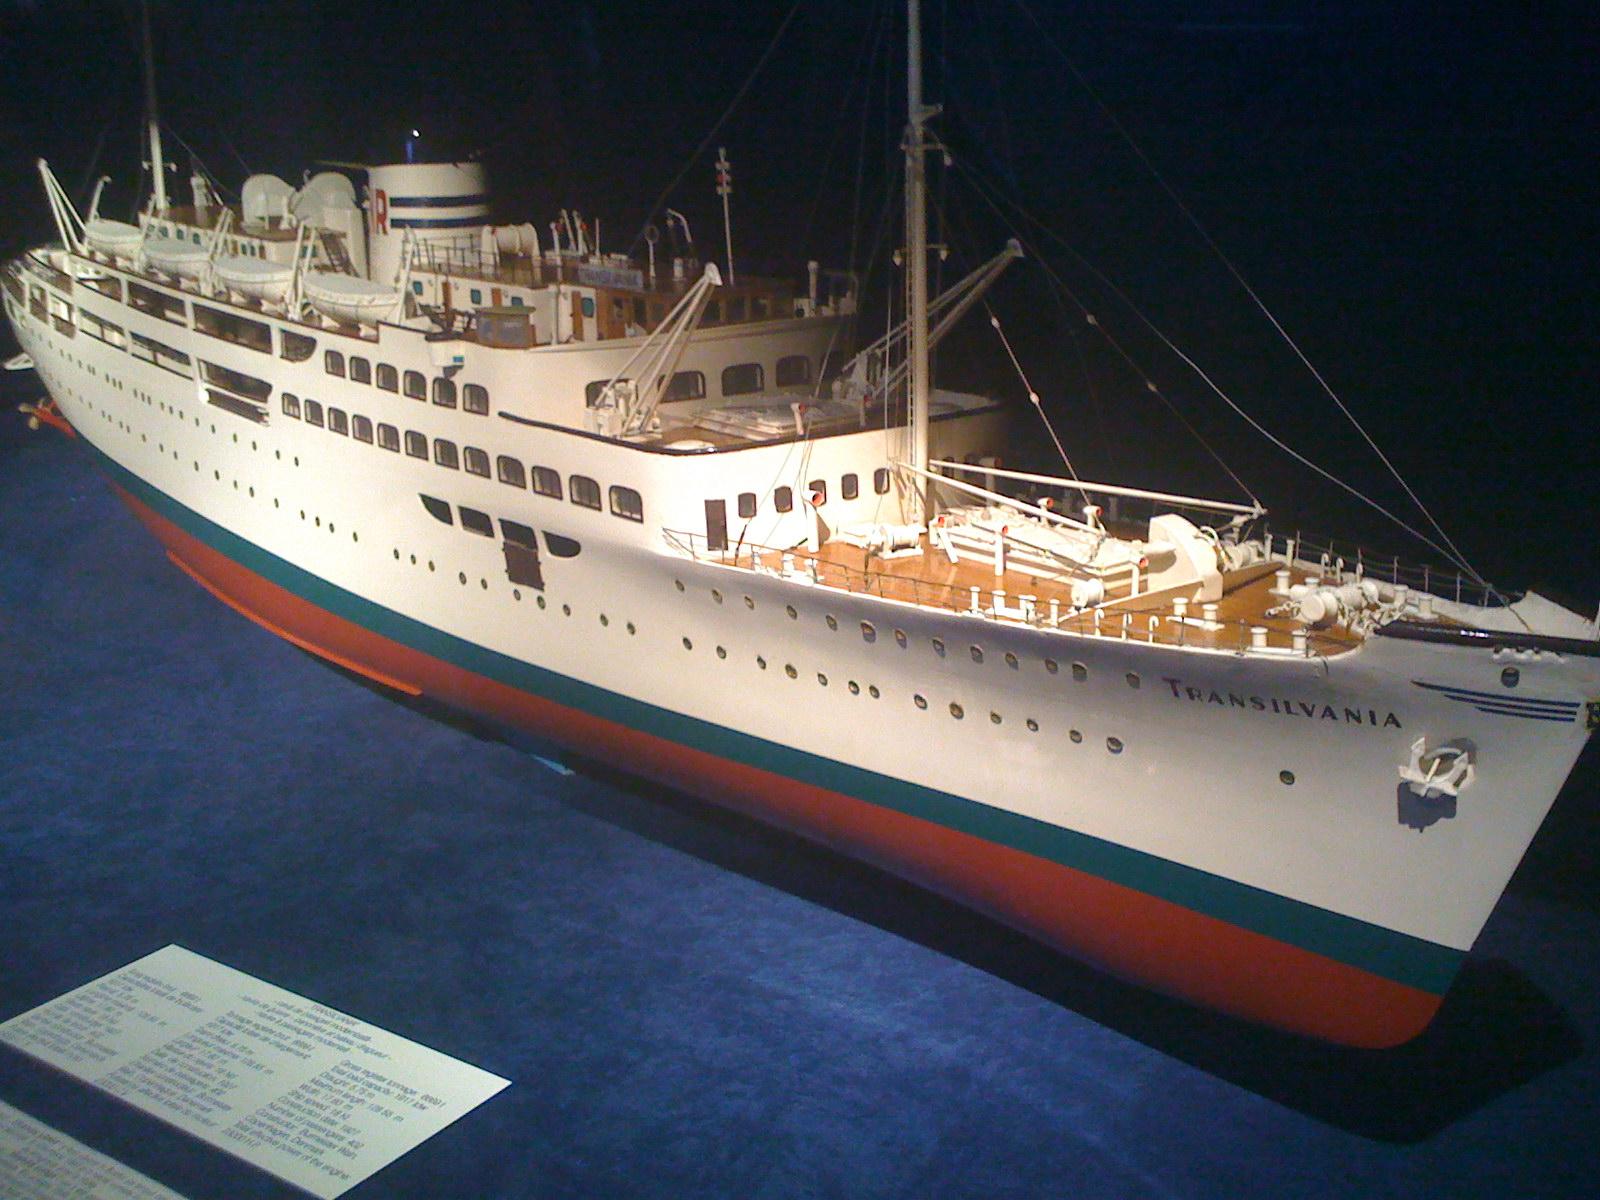 Macheta navei de pasageri TRANSILVANIA (Muzeul Marinei Române din Constanța).